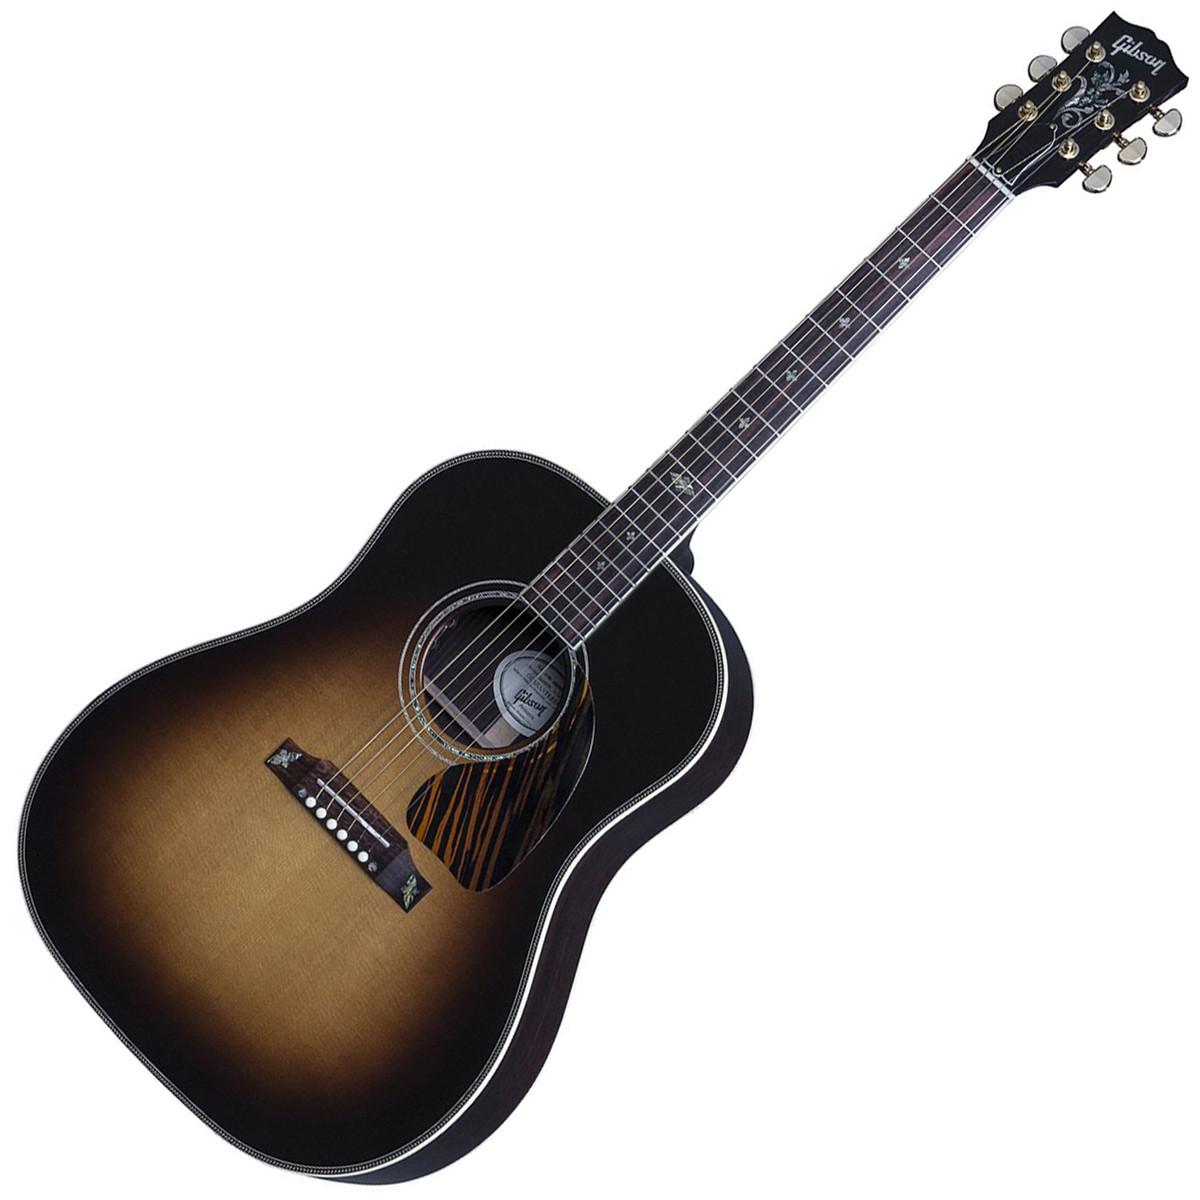 gibson 2016 j 45 custom electro acoustic guitar vintage sunburst at. Black Bedroom Furniture Sets. Home Design Ideas